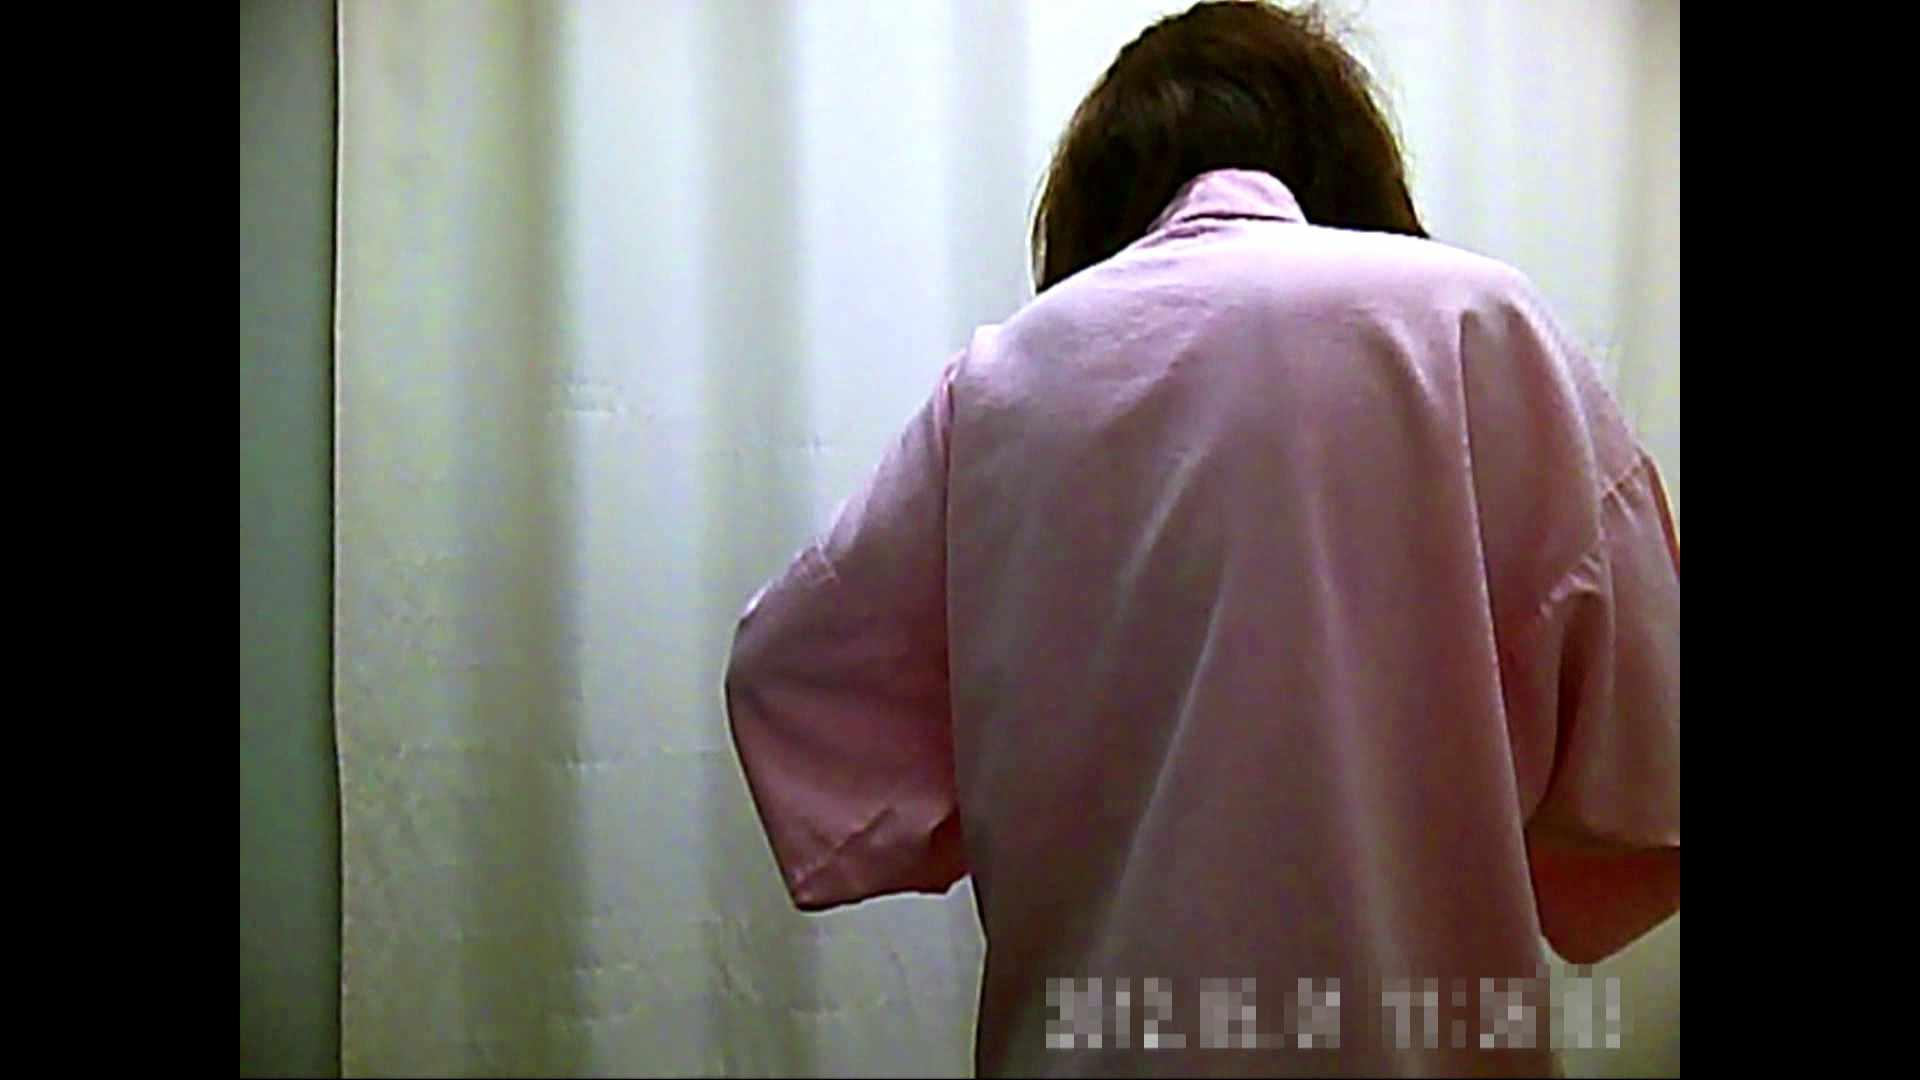 元医者による反抗 更衣室地獄絵巻 vol.003 OL女体  91連発 4